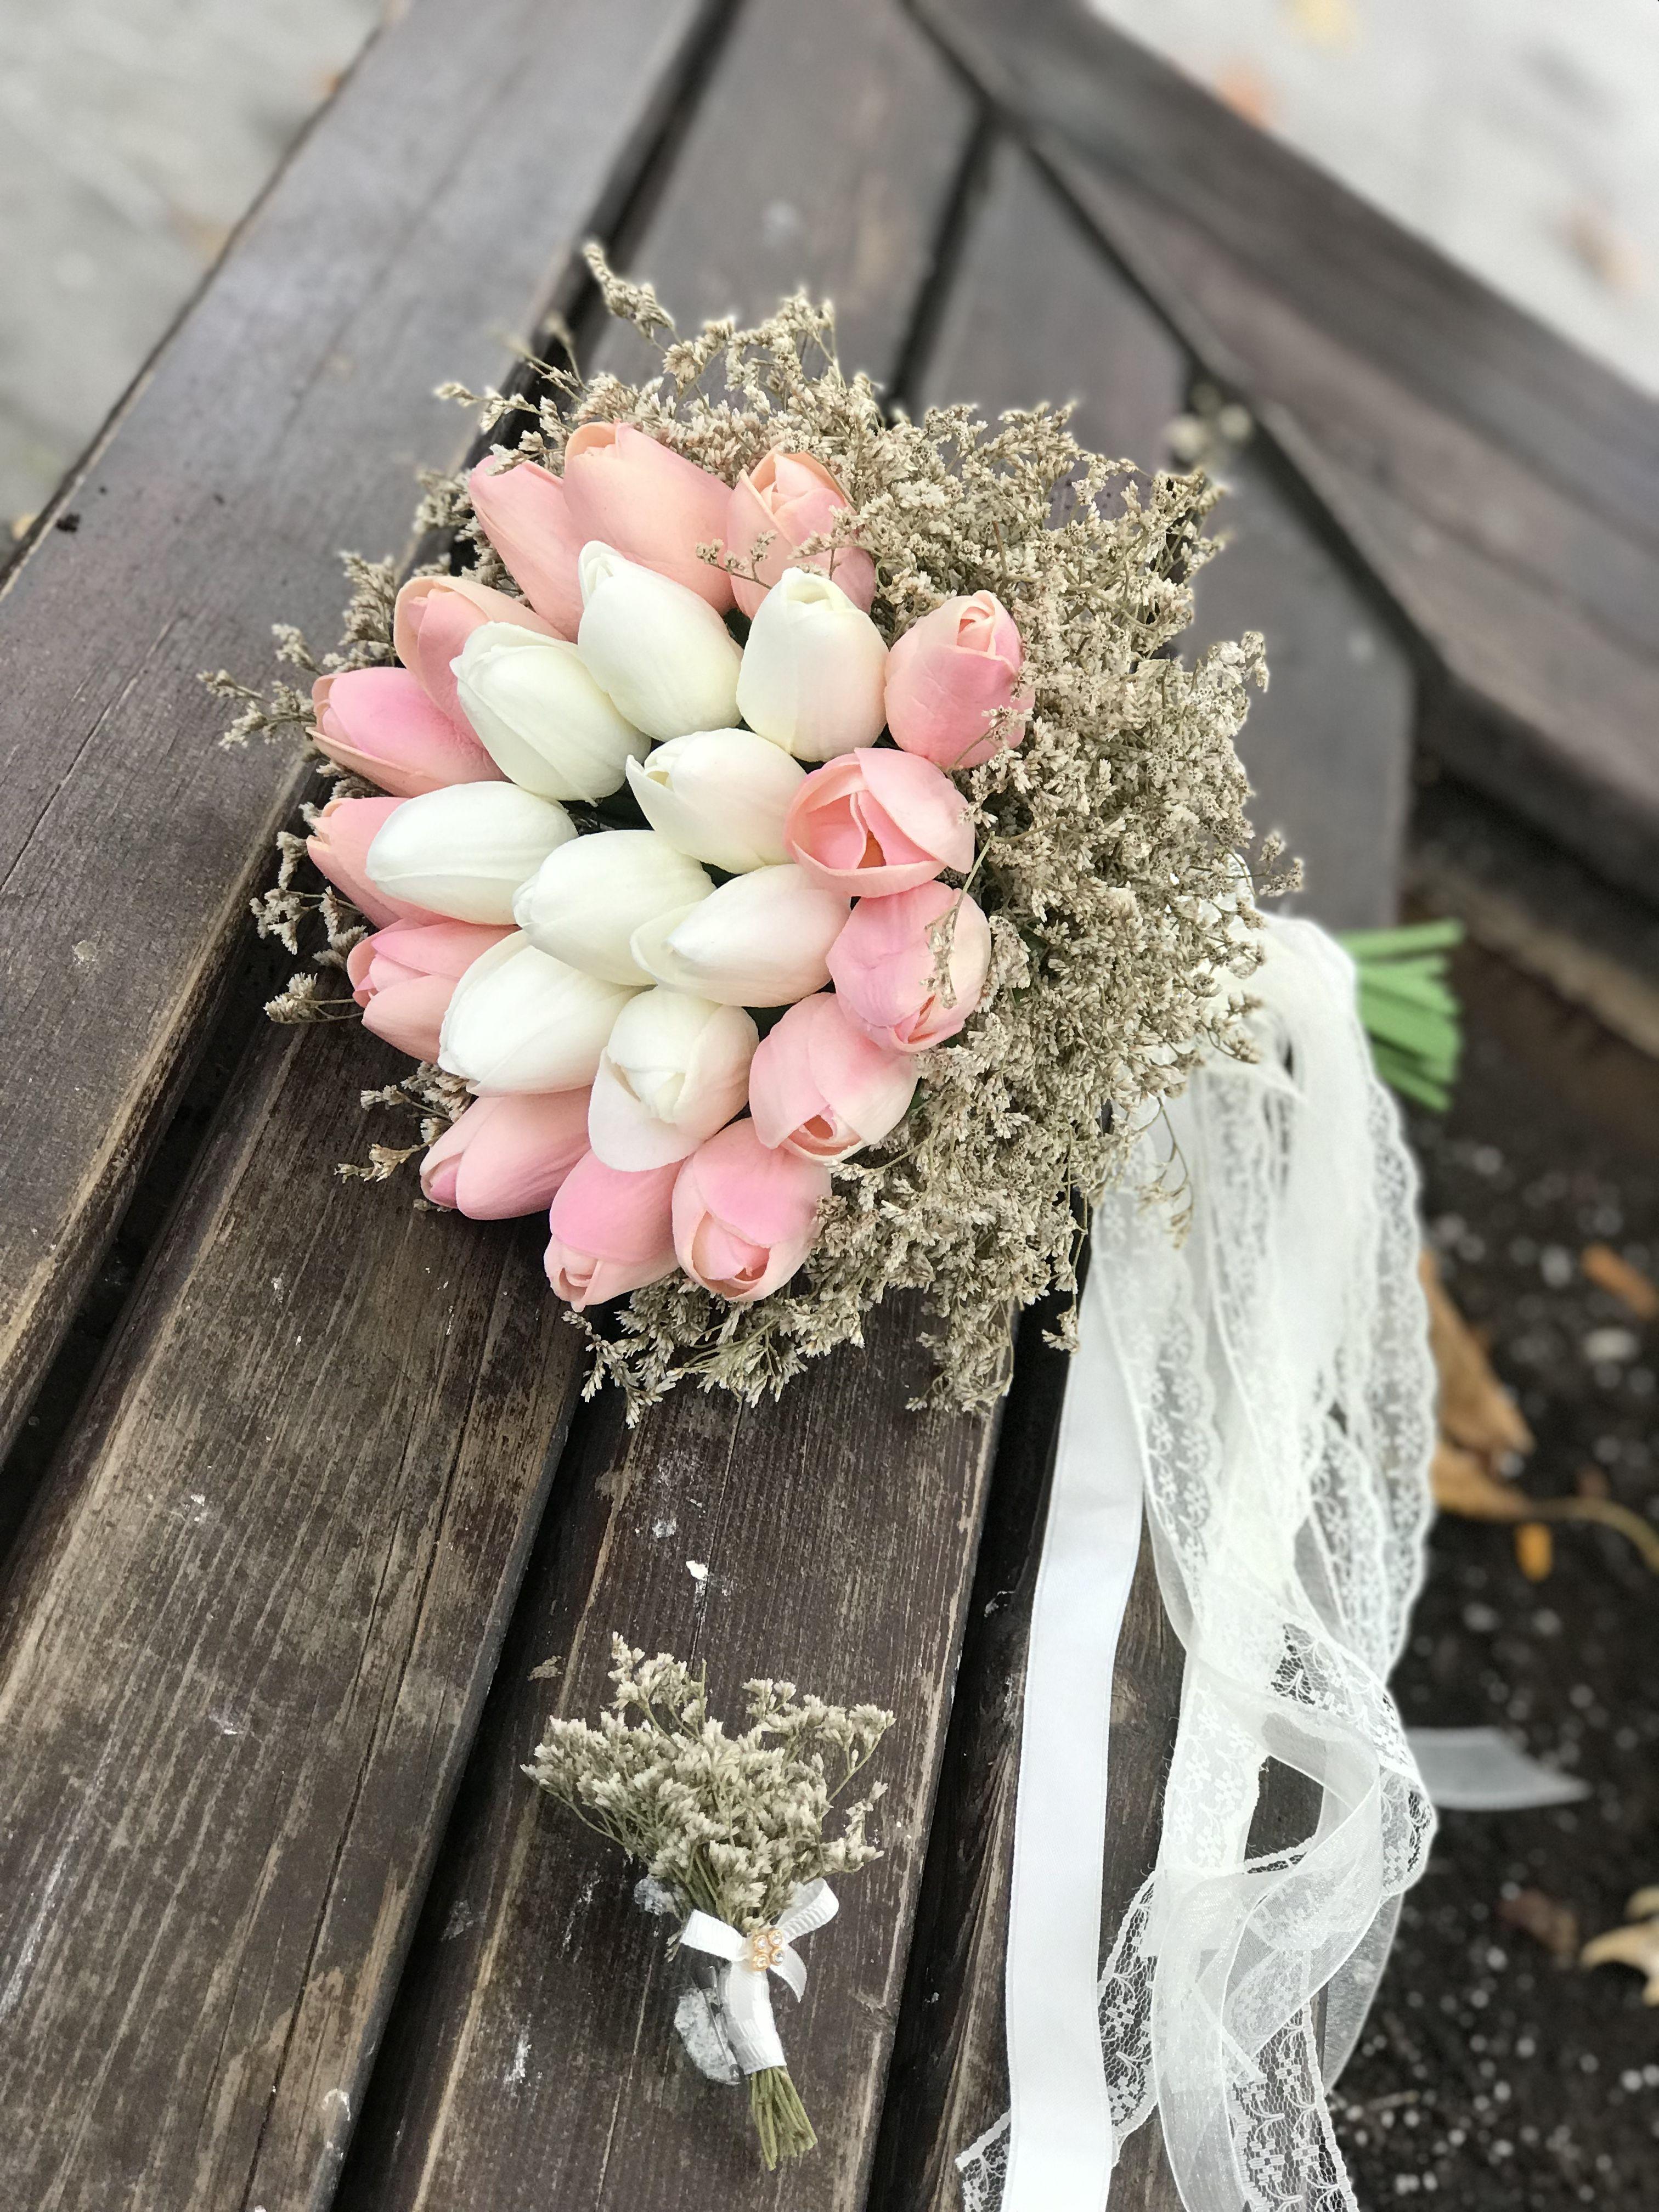 #lalebuketi #ıslaklale #gelinbuketi #gelinçiçeği #nişanbuketi #nişançiçeği